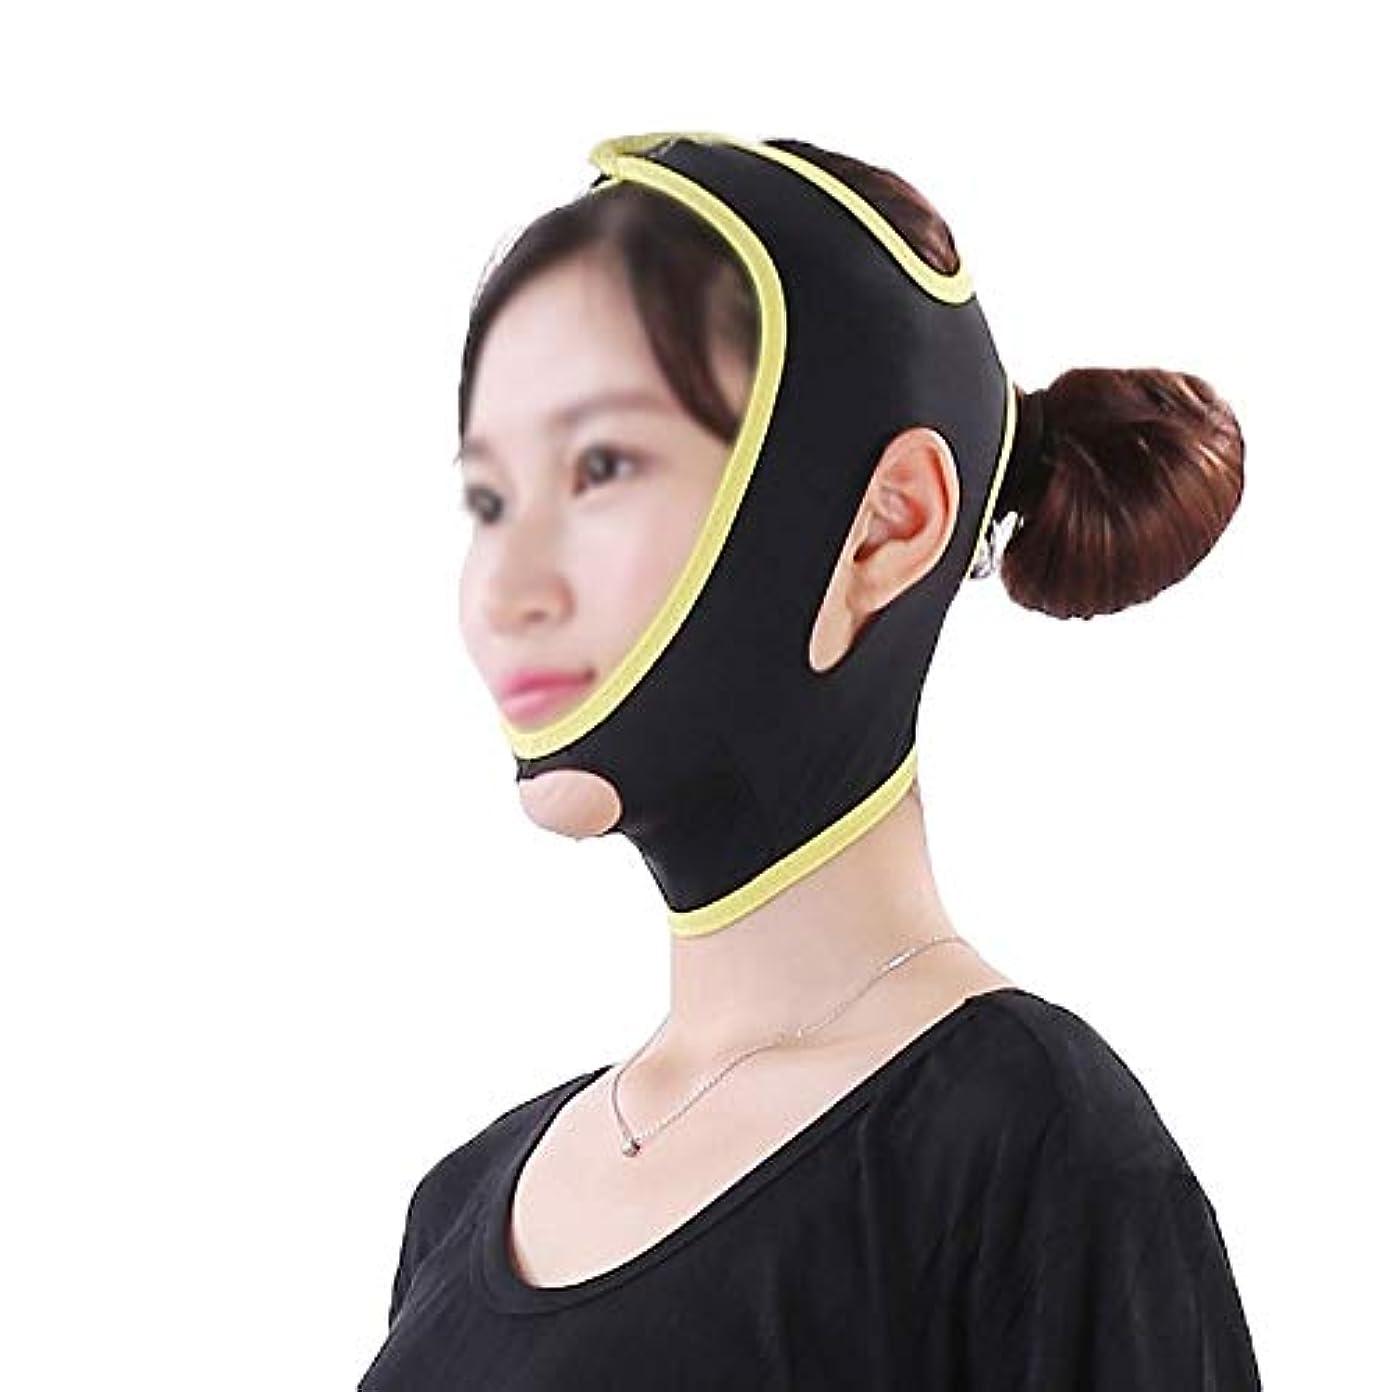 急速な装置識別フェイス&ネックリフト、フェイスリフトマスク強力なフェイスマスクフェイスリフトアーチファクトフェイスリフティングフェイスリフティングツールフェイスリフティング包帯薄いフェイスマスク美容マスク (Size : L)